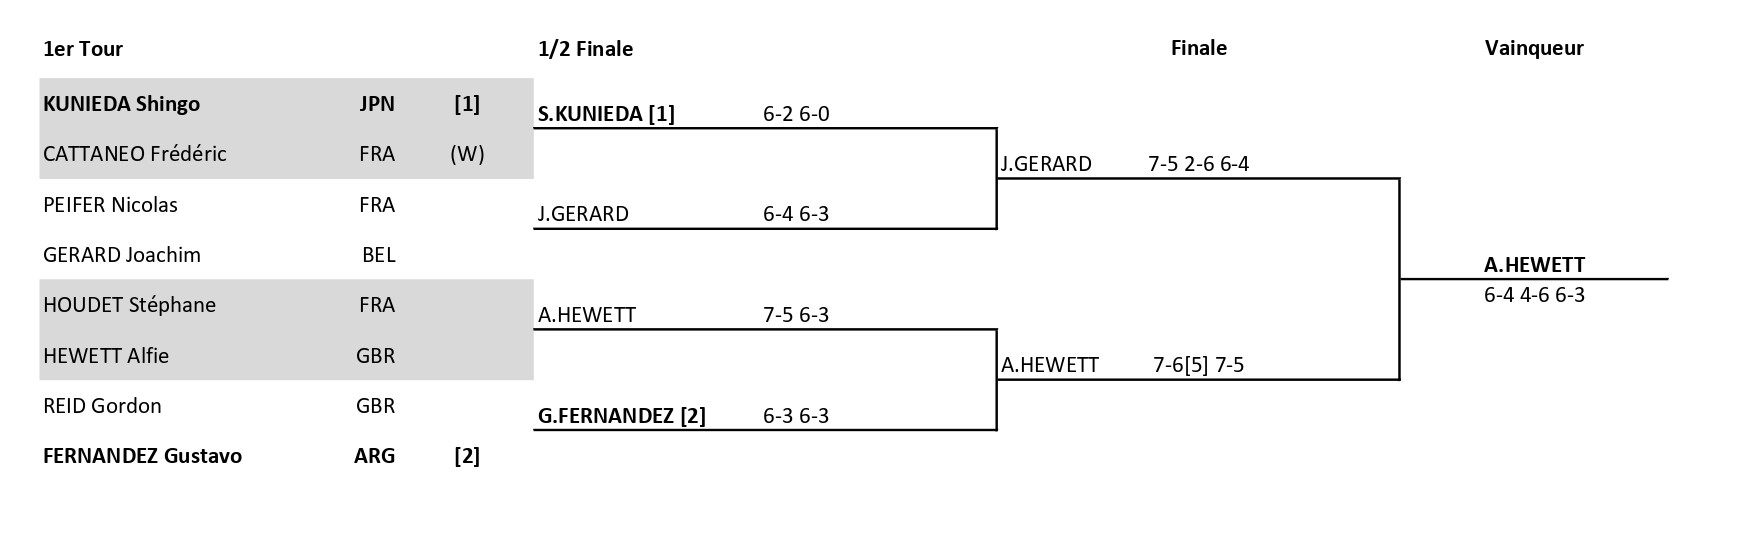 Roland Garros 2020 Roland Garros 2020 Les Tableaux Tennis Fauteuil Dicodusport